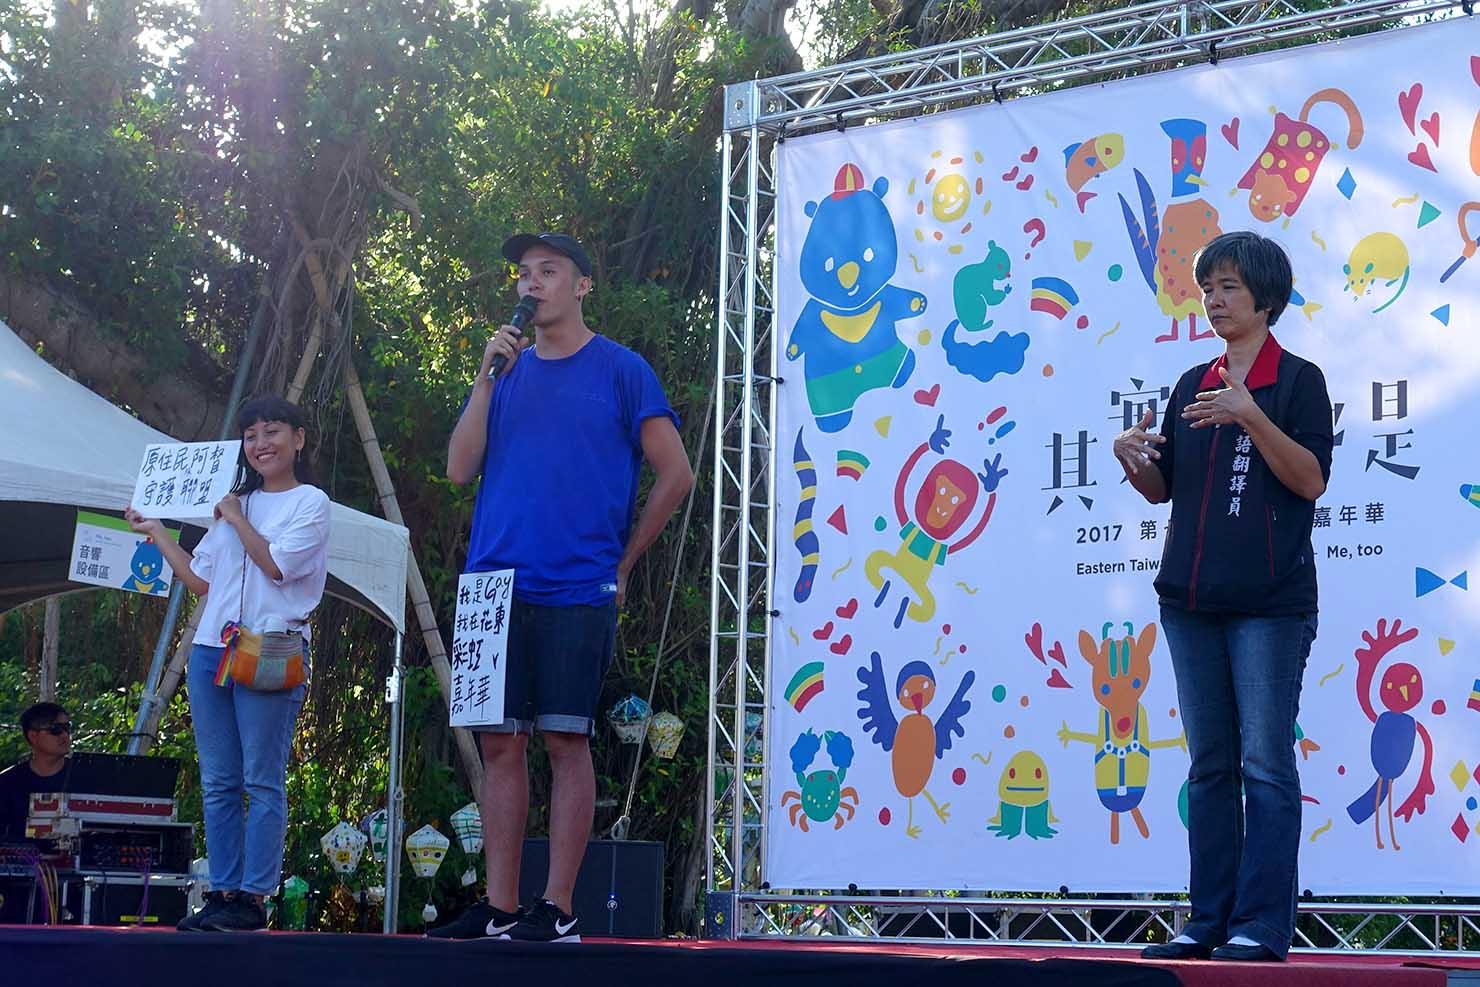 台湾東部のLGBTプライド「花東彩虹嘉年華」パレード後のステージに立つ阿美族の青年